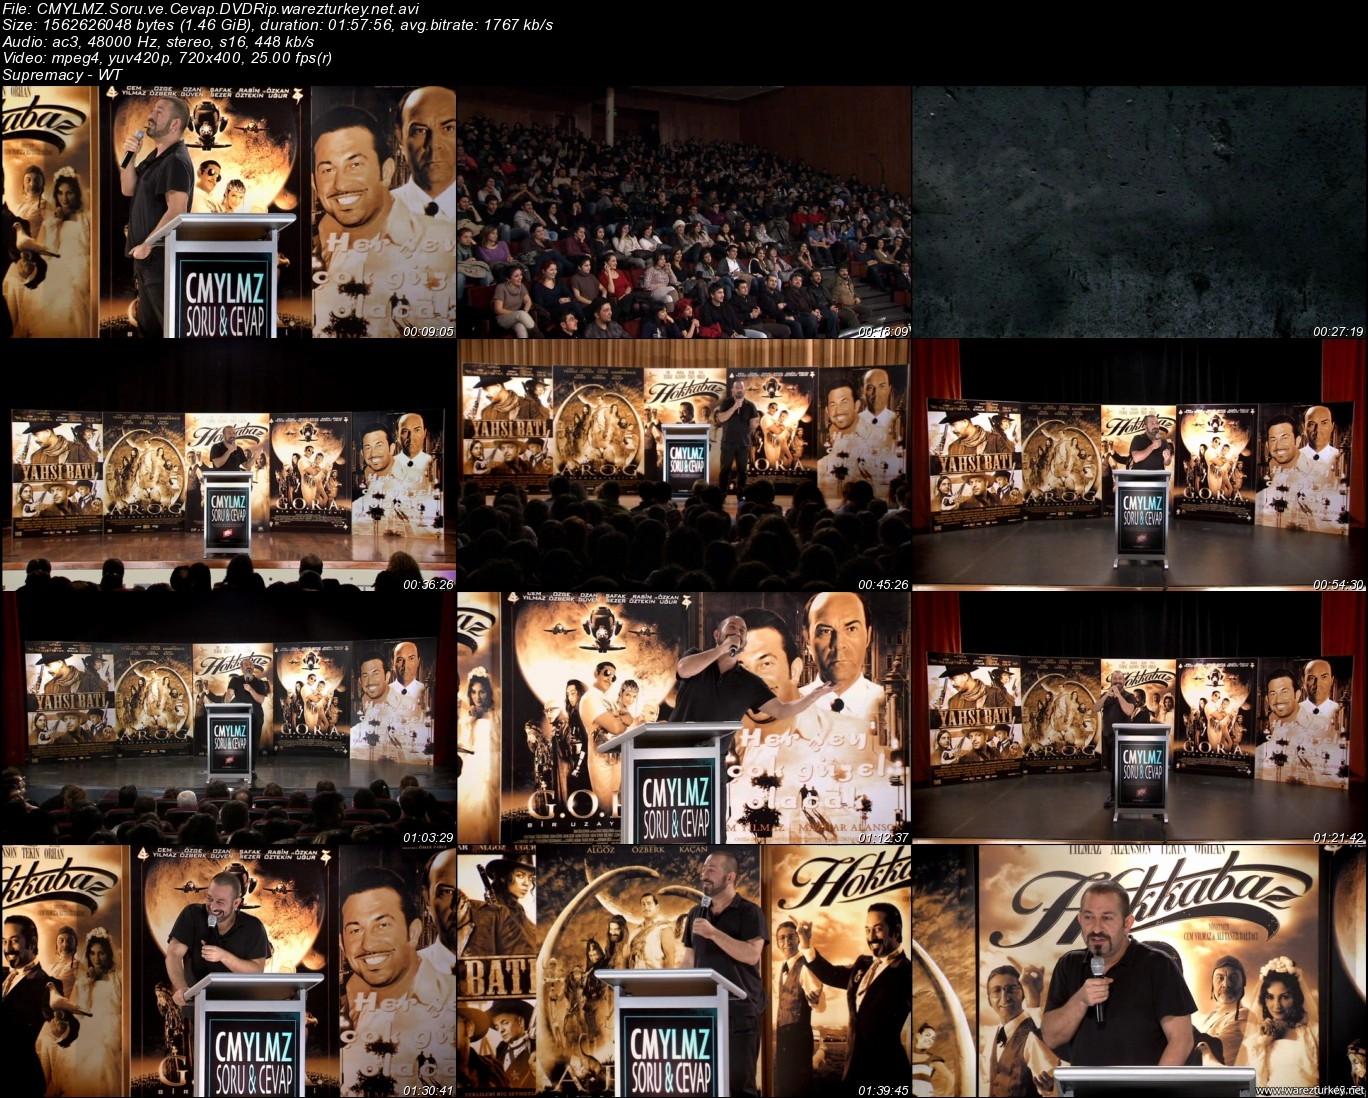 Cem Yılmaz - Soru & Cevap 2010 Dvdrip + Kamera Arkası Tek Link indir